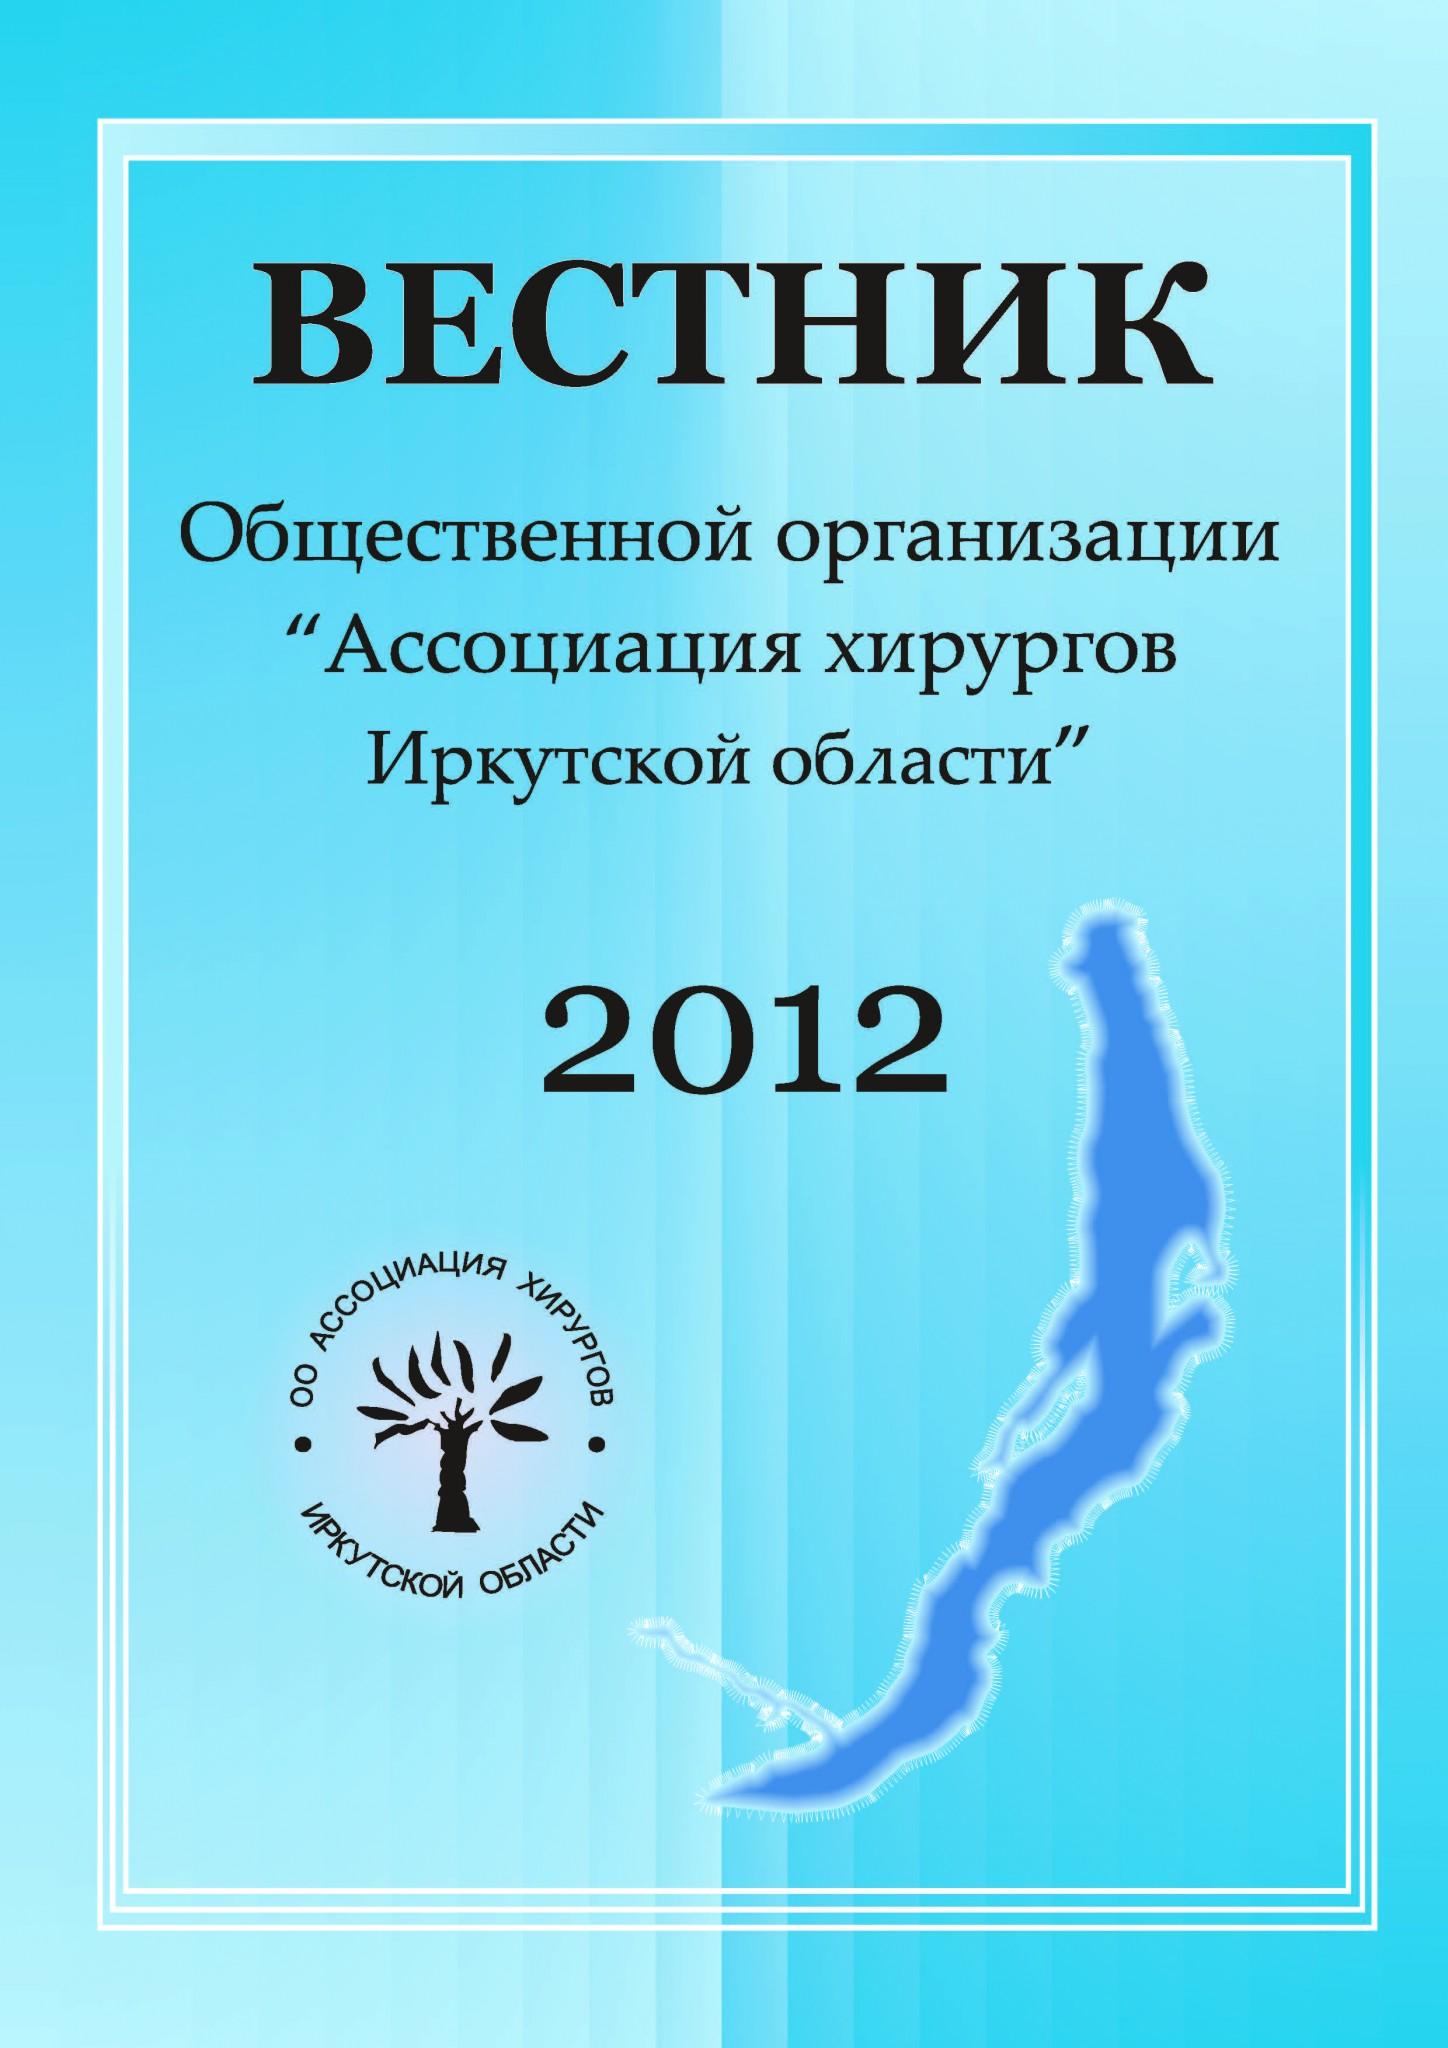 АХИО_2012